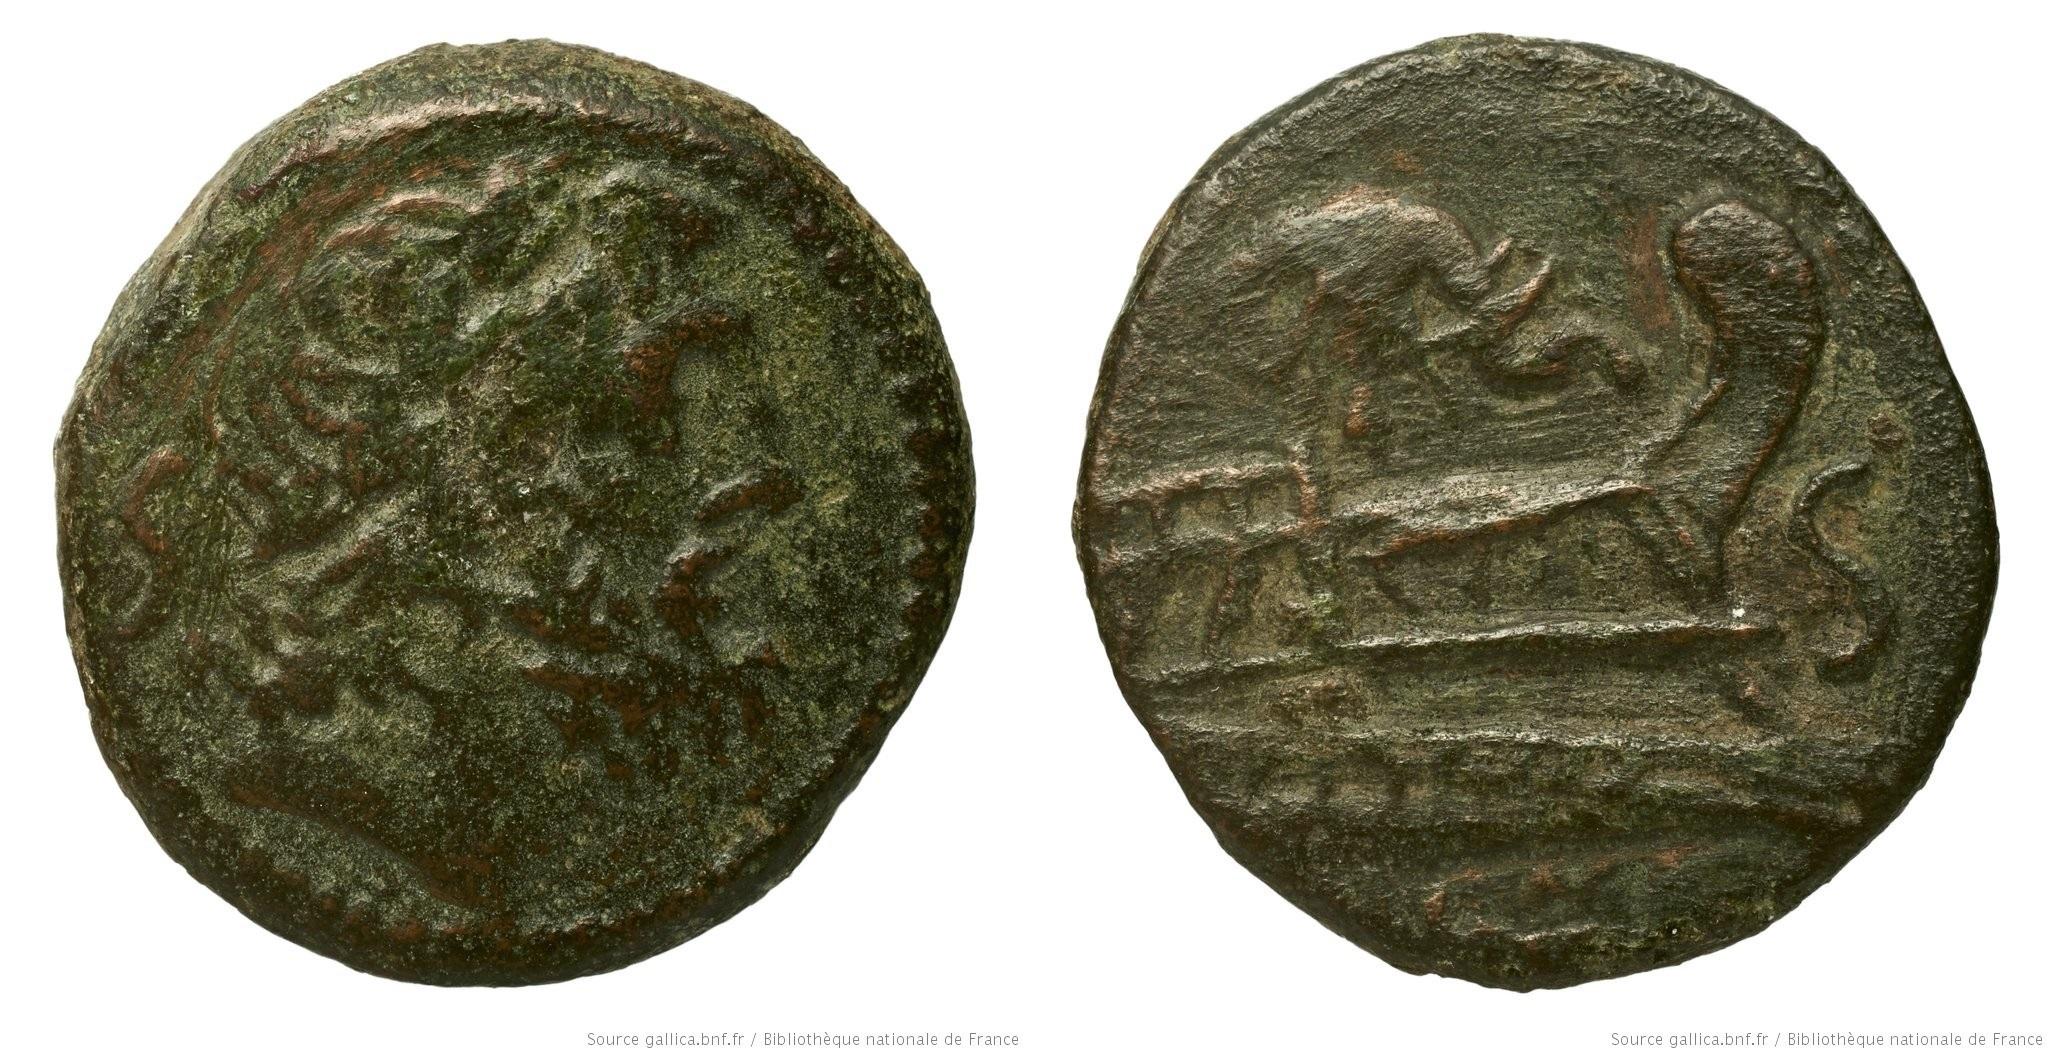 1015CA – Semis Caecilia – Lucius Cæcilius Metellus